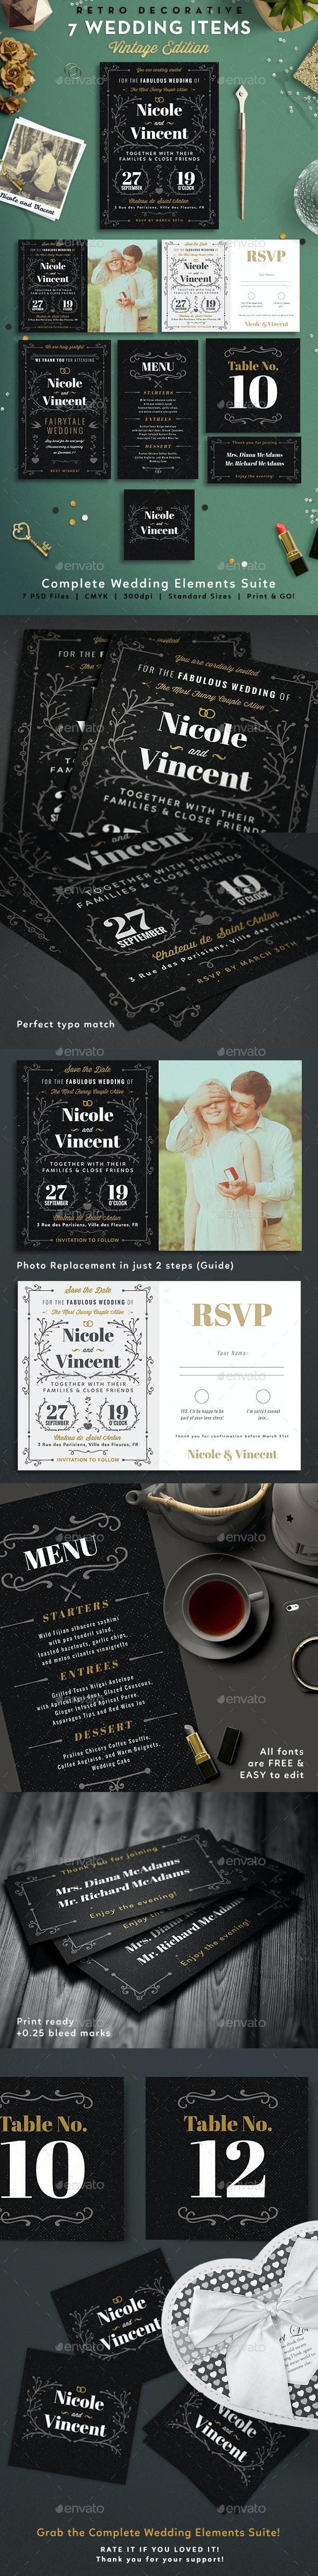 7 Vintage Items - Wedding Pack VII - Weddings Cards & Invites